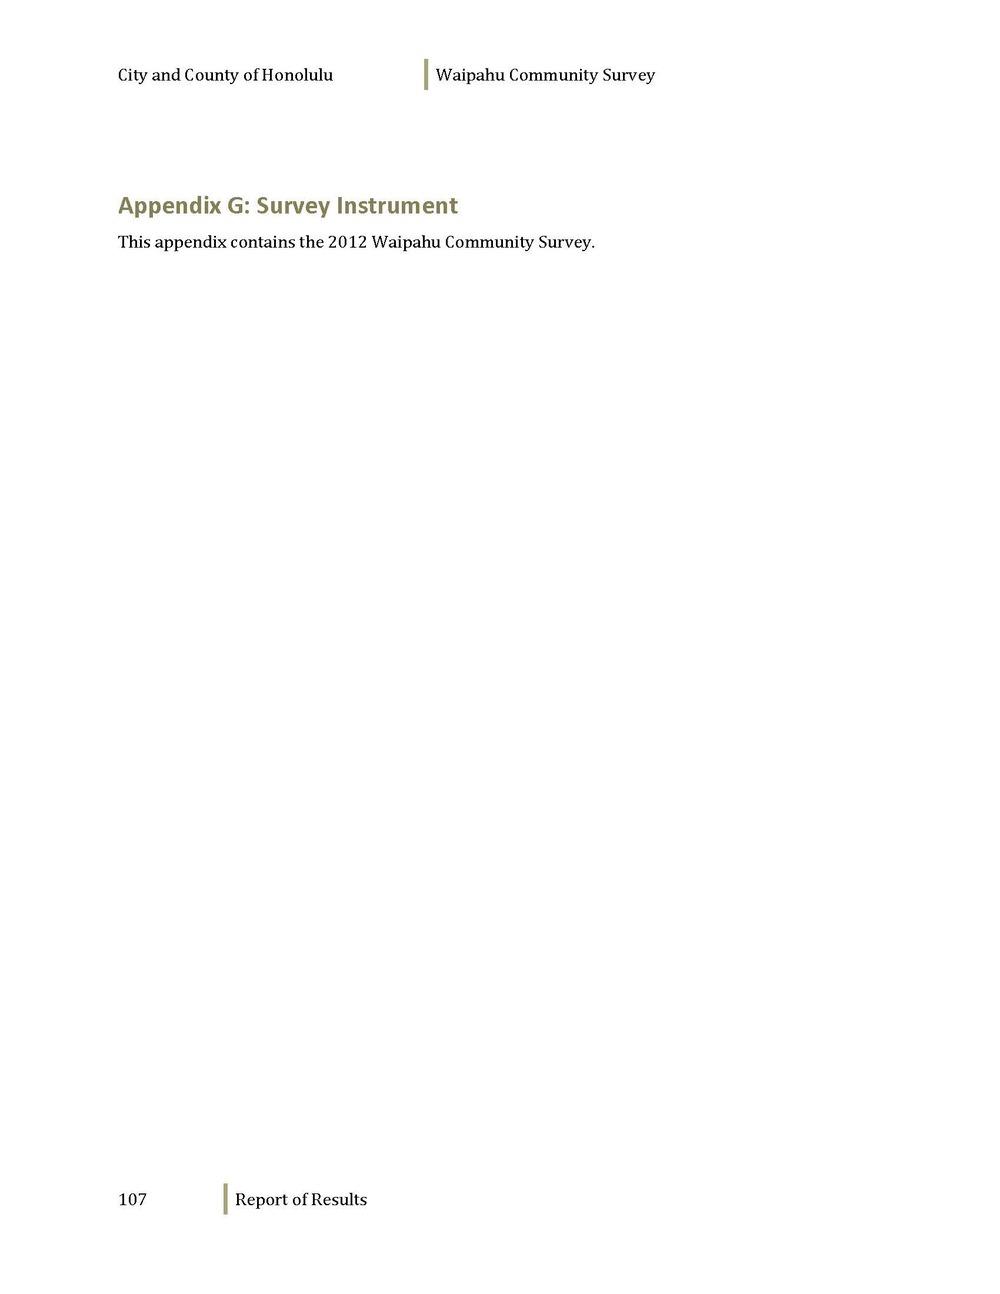 160608_WaipahuCommunitySurvey_Dec2012_Page_109.jpg